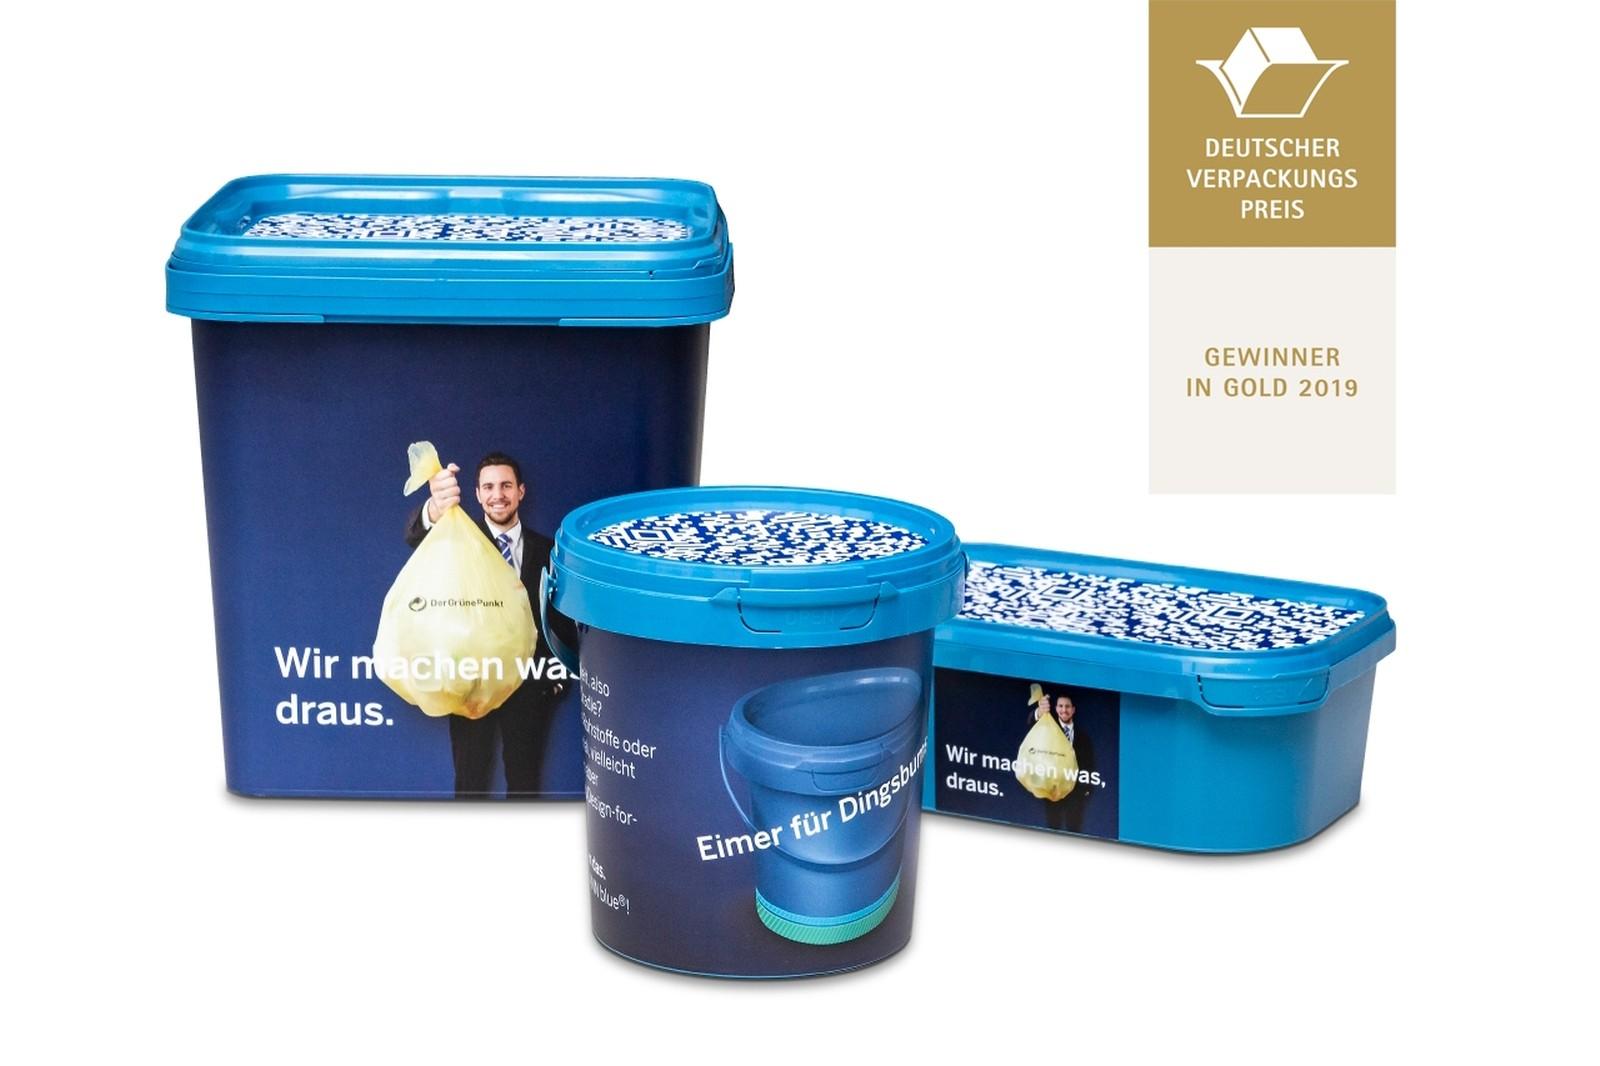 Ausgezeichnete Kreislaufwirtschaft: Die Universalverpackungen, deren Herstellungsmaterial zu mindestens 90 % aus dem Gelben Sack stammt, wurden in der Pöppelmann-Division Famac entwickelt.